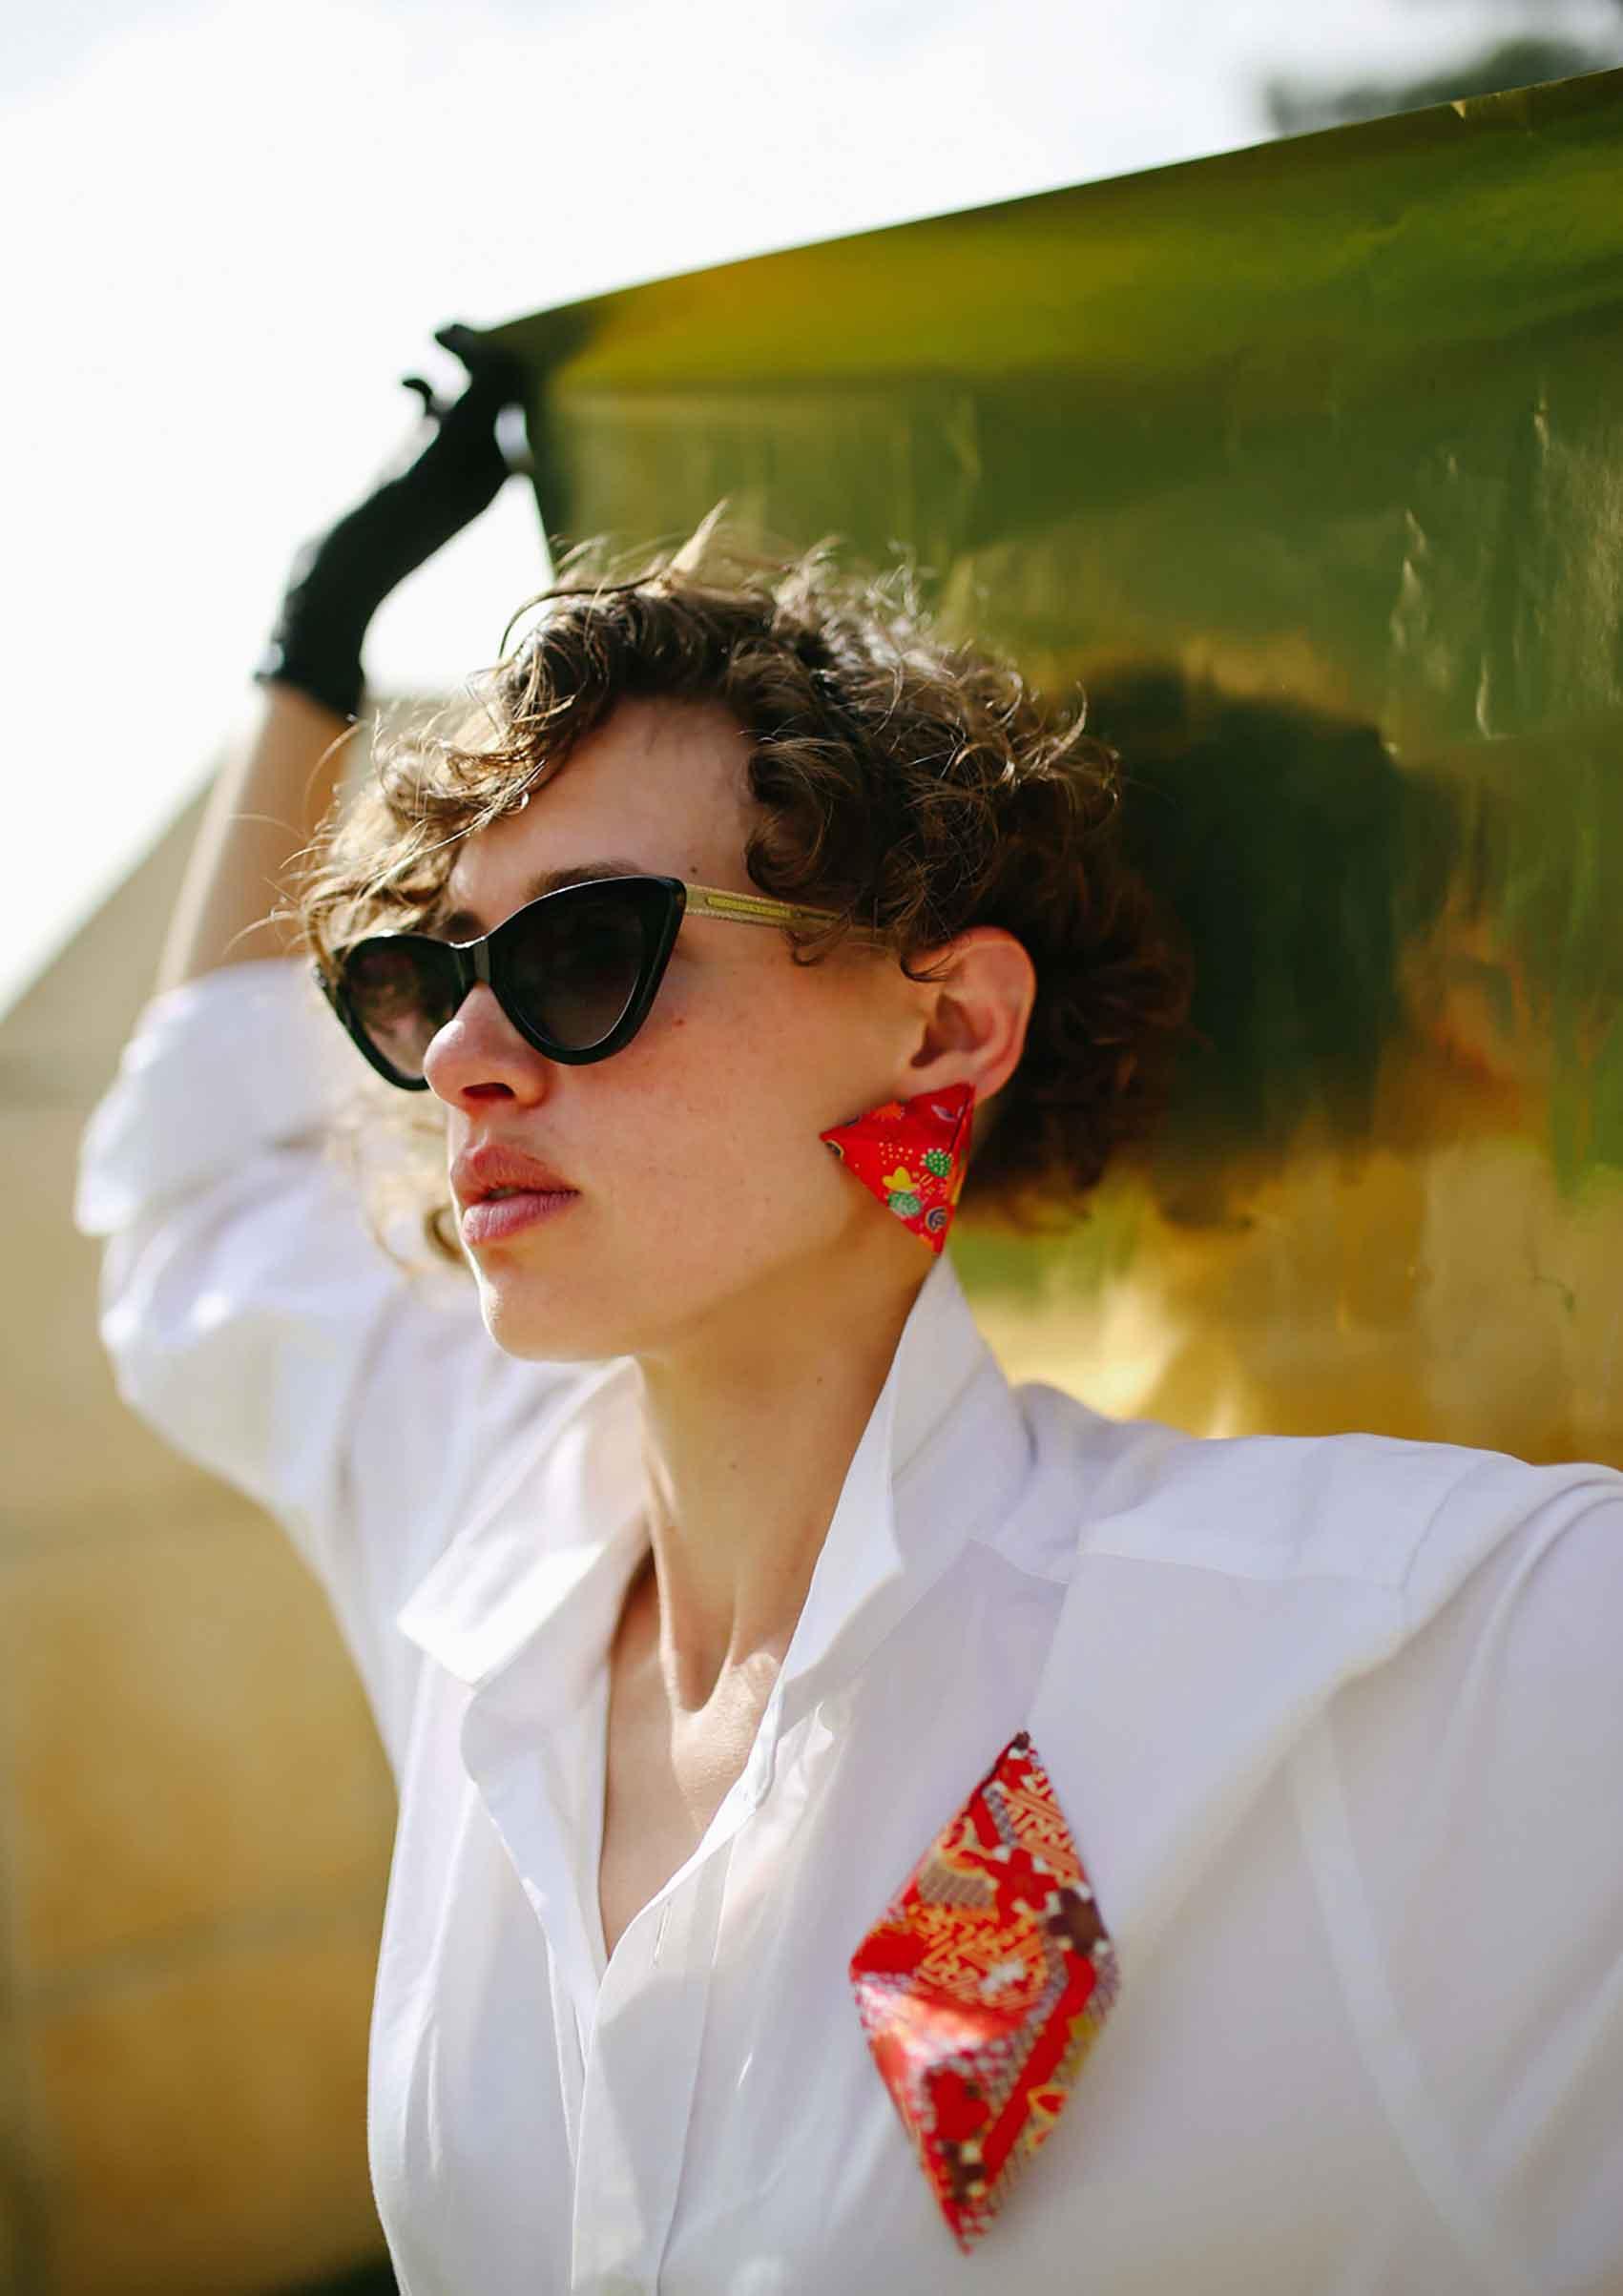 צילום-עיצוב-תכשיטים-הדר אלפסי-דוגמנית-רינה נקונצ'ני-Fashion Israel-מגזין-אופנה-ישראלי-הפקות-אופנה-4